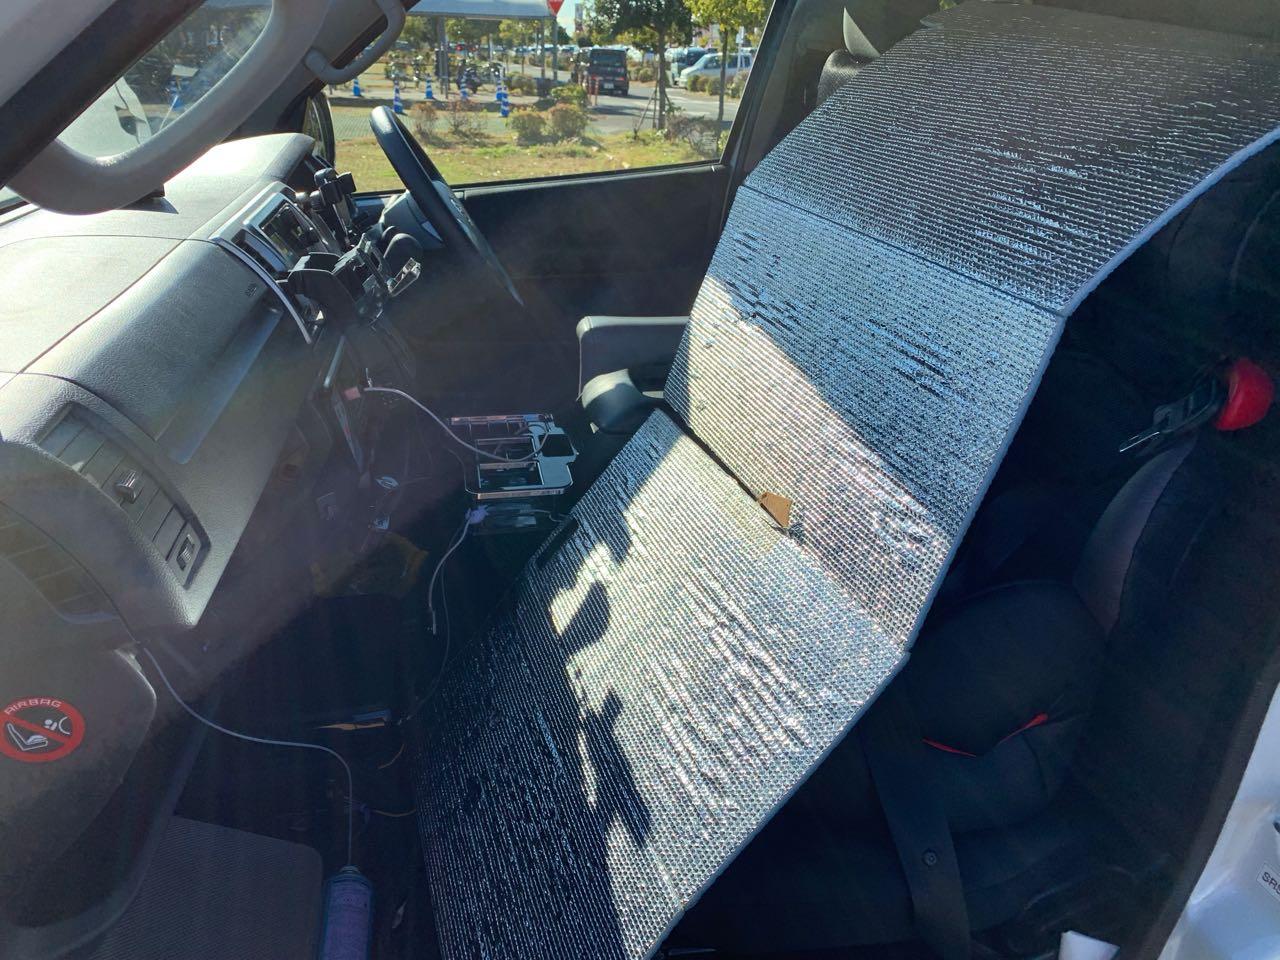 イヤな臭いとおさらば!自分でできる車のエアコン洗浄 〜カビ臭